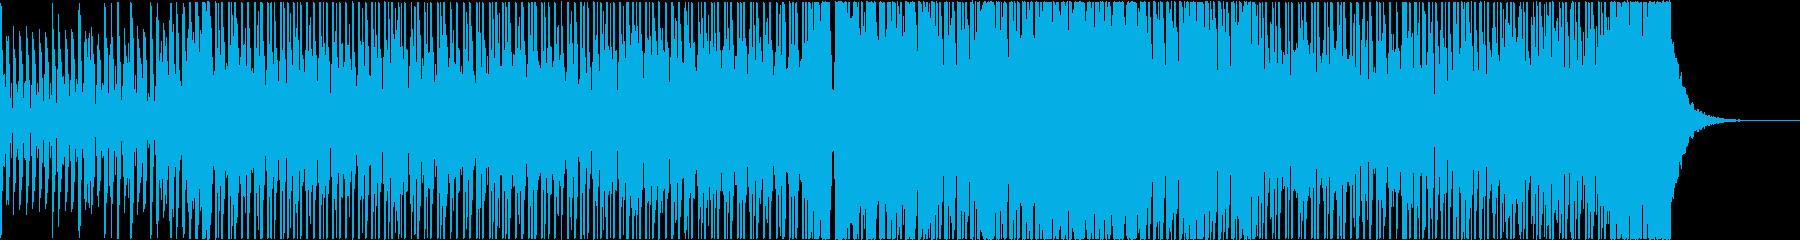 和風 和太鼓 EDM 琴 疾風 スピードの再生済みの波形